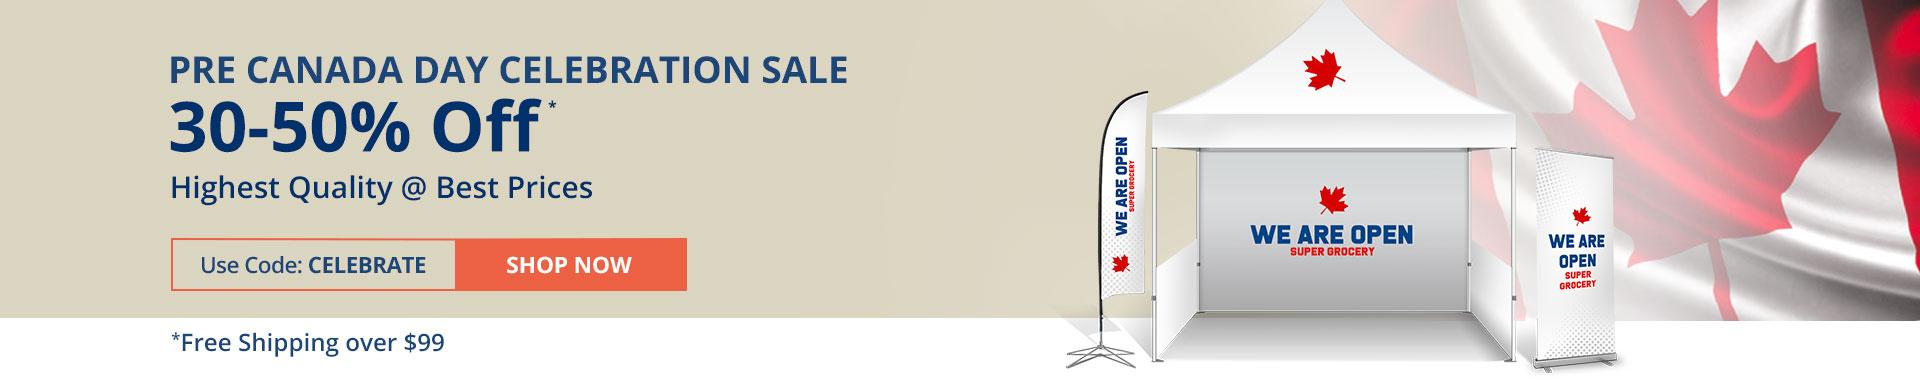 Pre Canada Celebration Sale